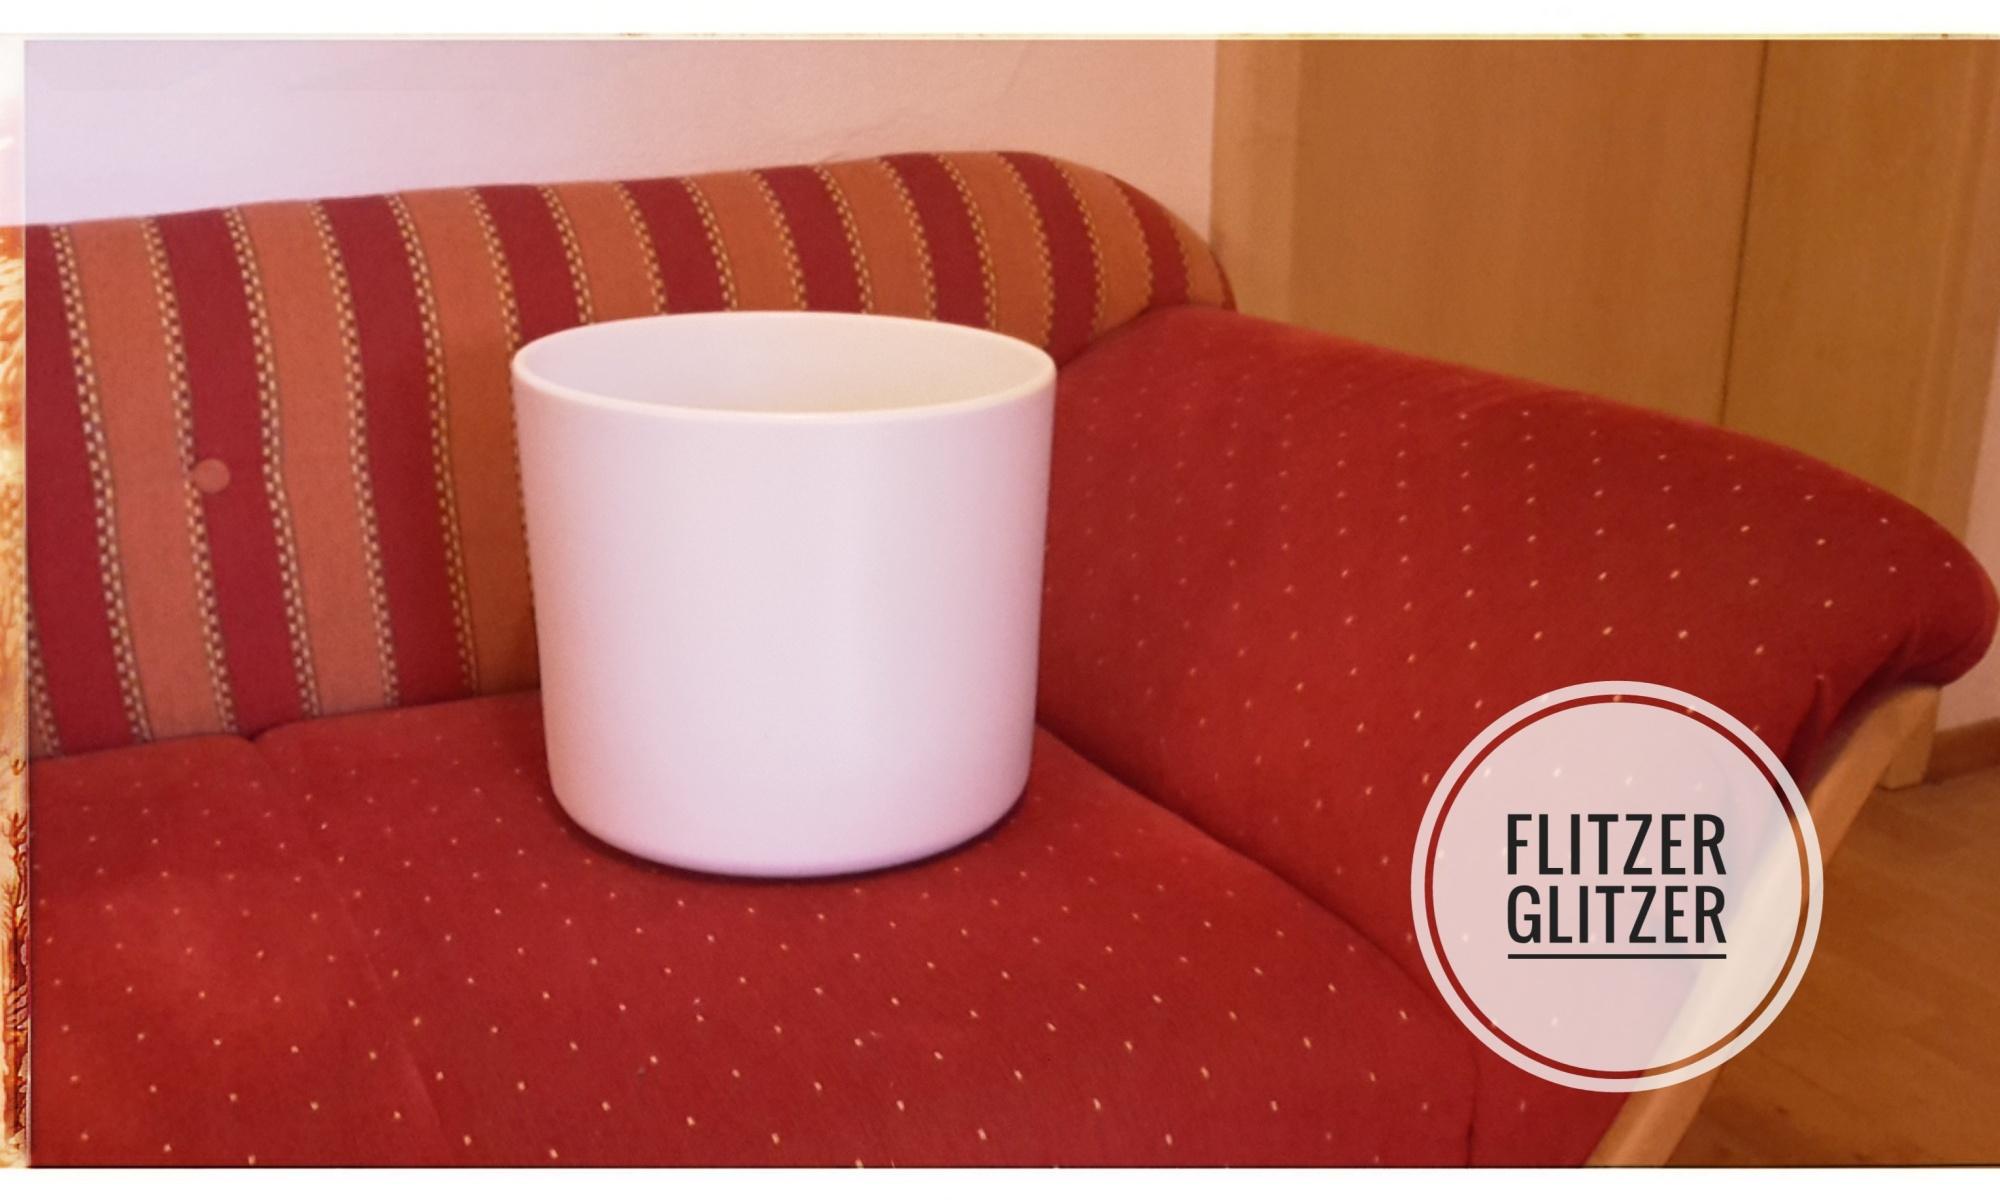 Einfacher weißer Übertopf auf rotem Sofa.